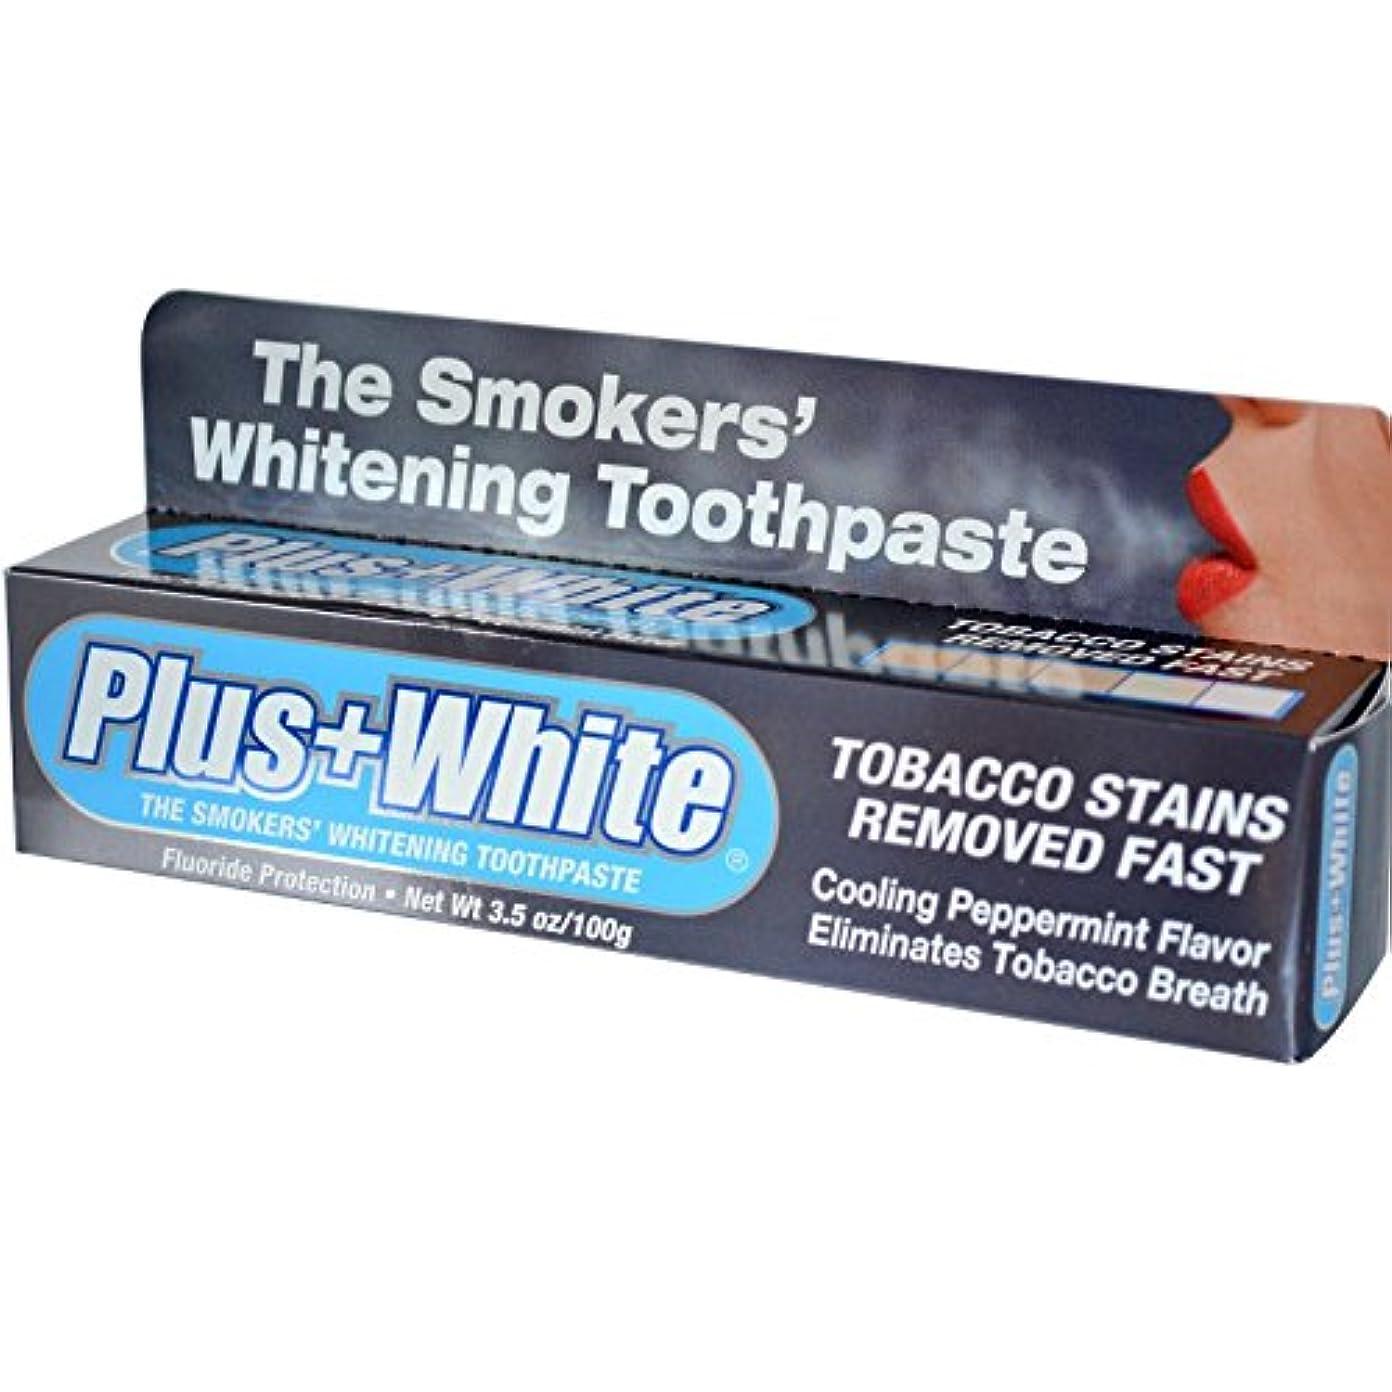 ジーンズアジア人むちゃくちゃPlus White, The Smokers' Whitening Toothpaste, Cooling Peppermint Flavor, 3.5 oz (100 g)